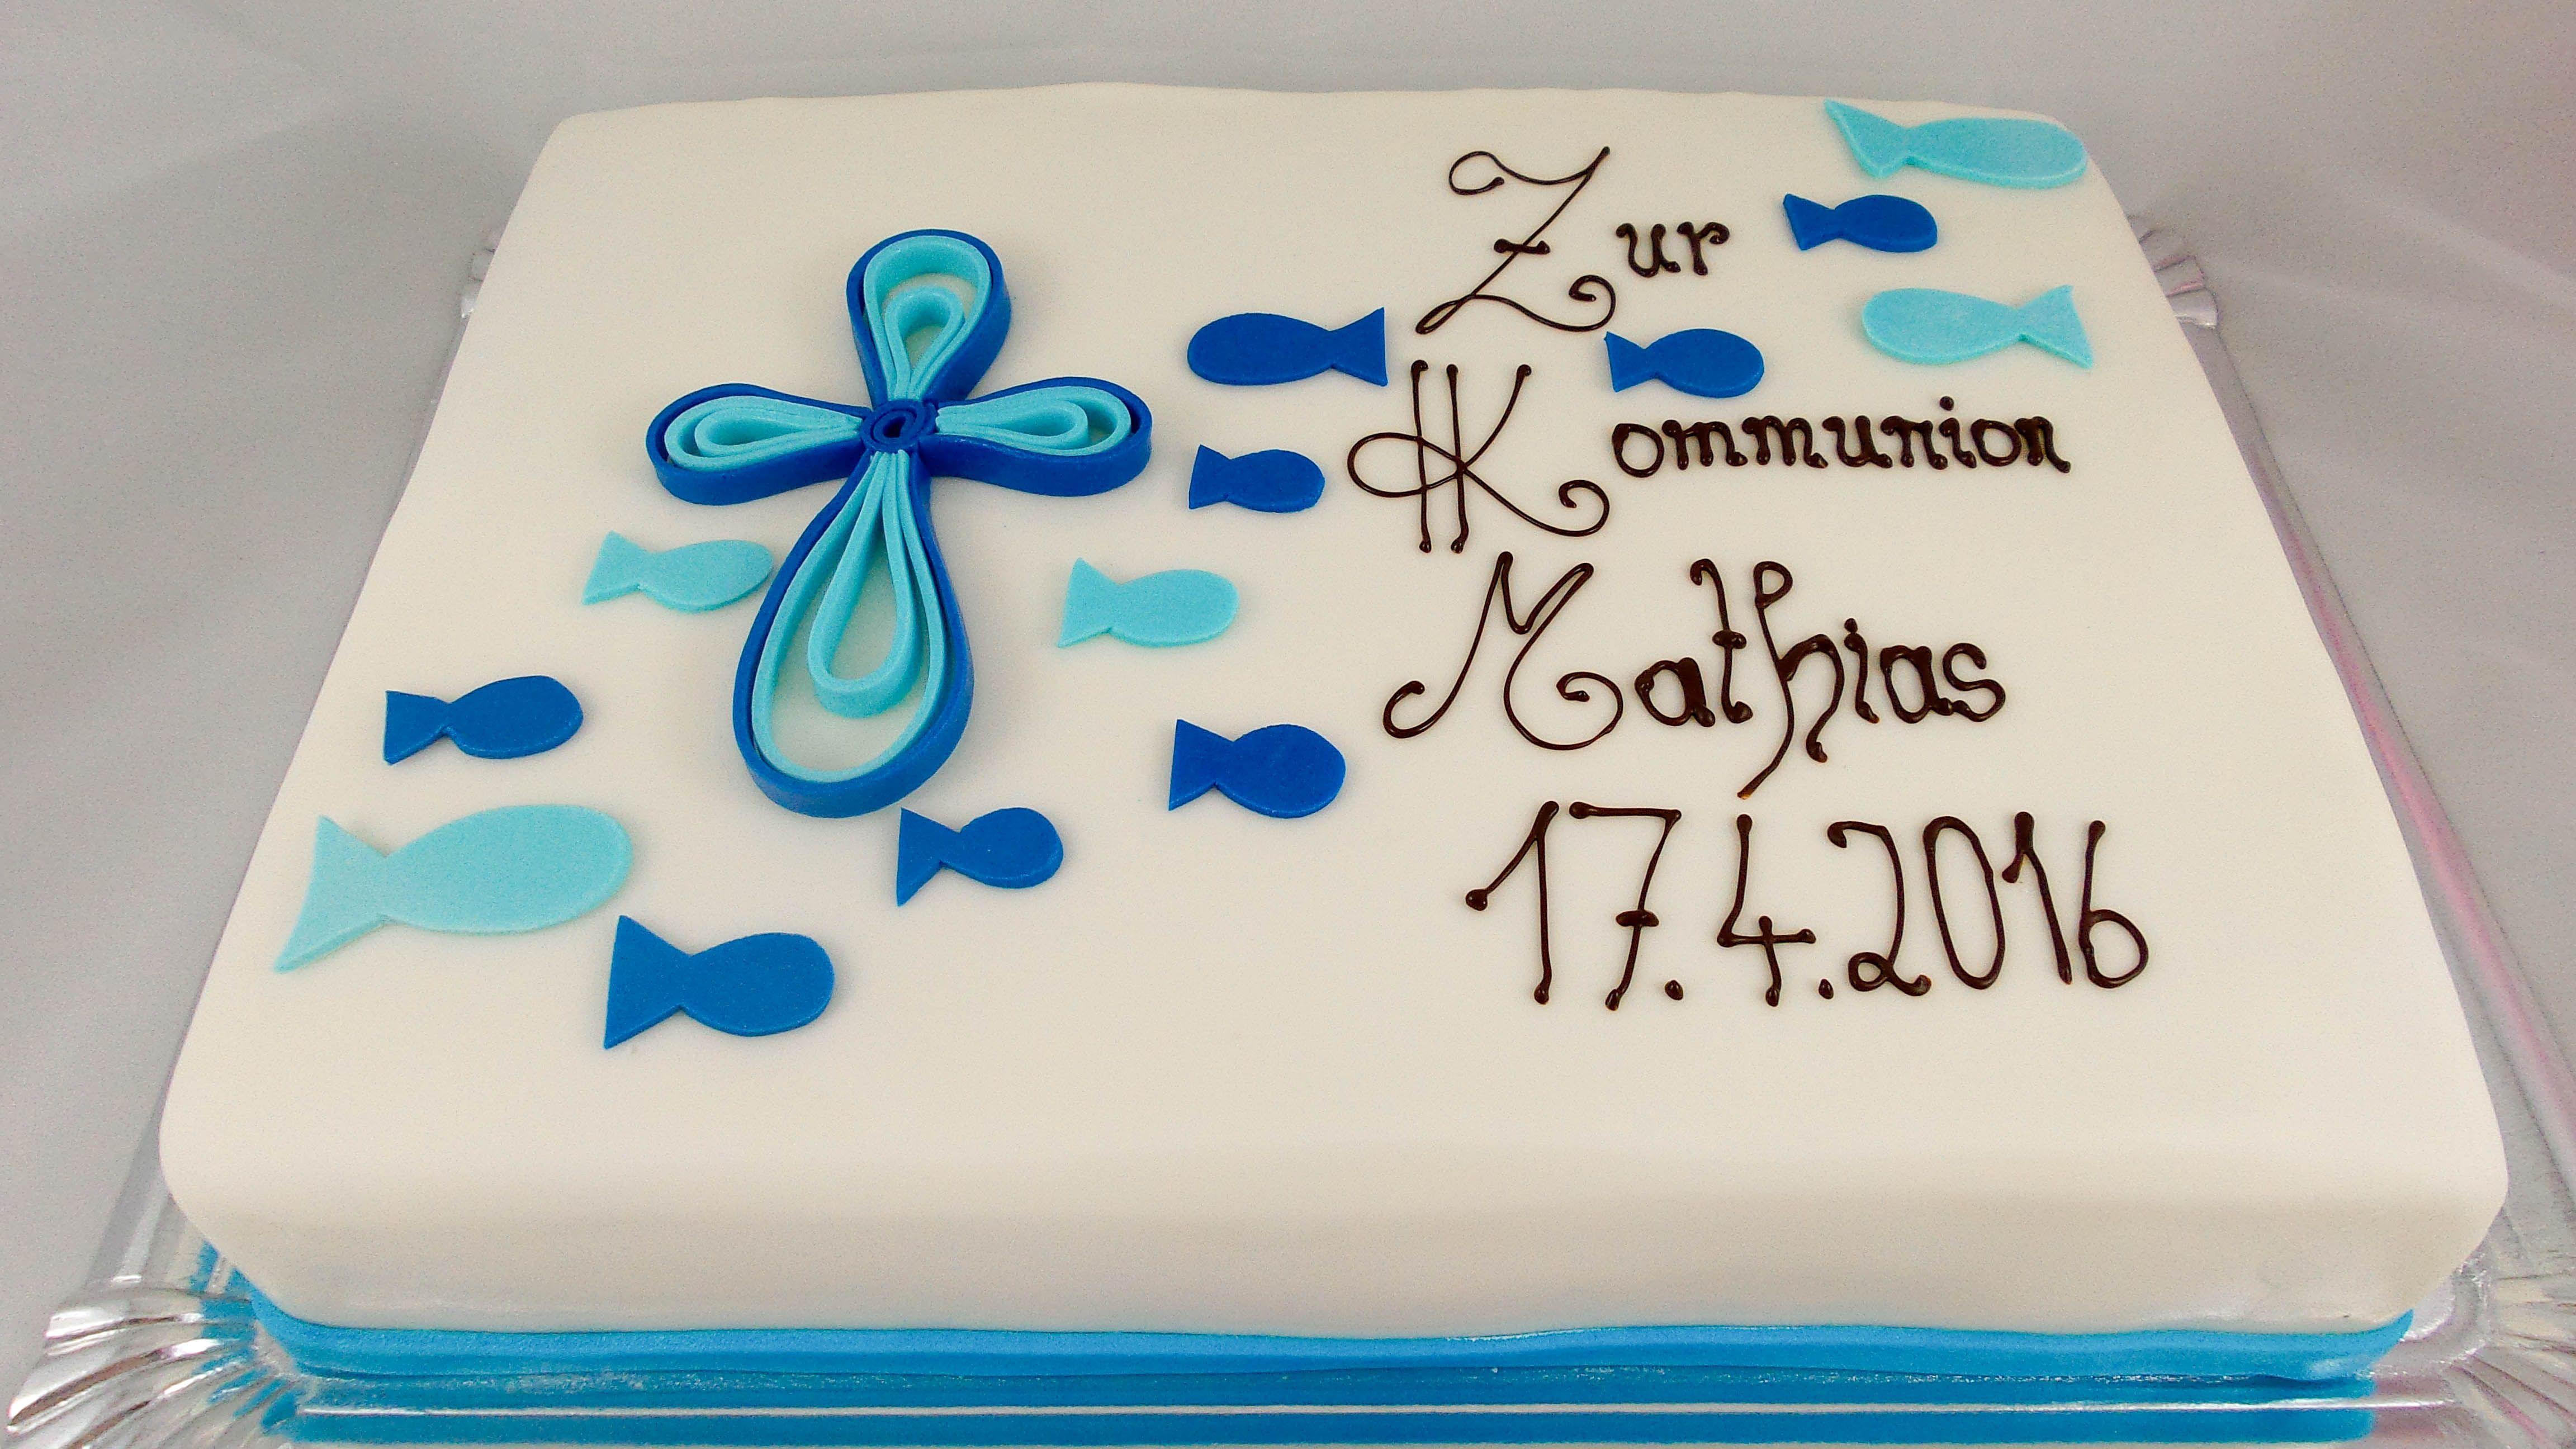 Tauftorte Junge  Kommunion in 2019  Kommunion torte